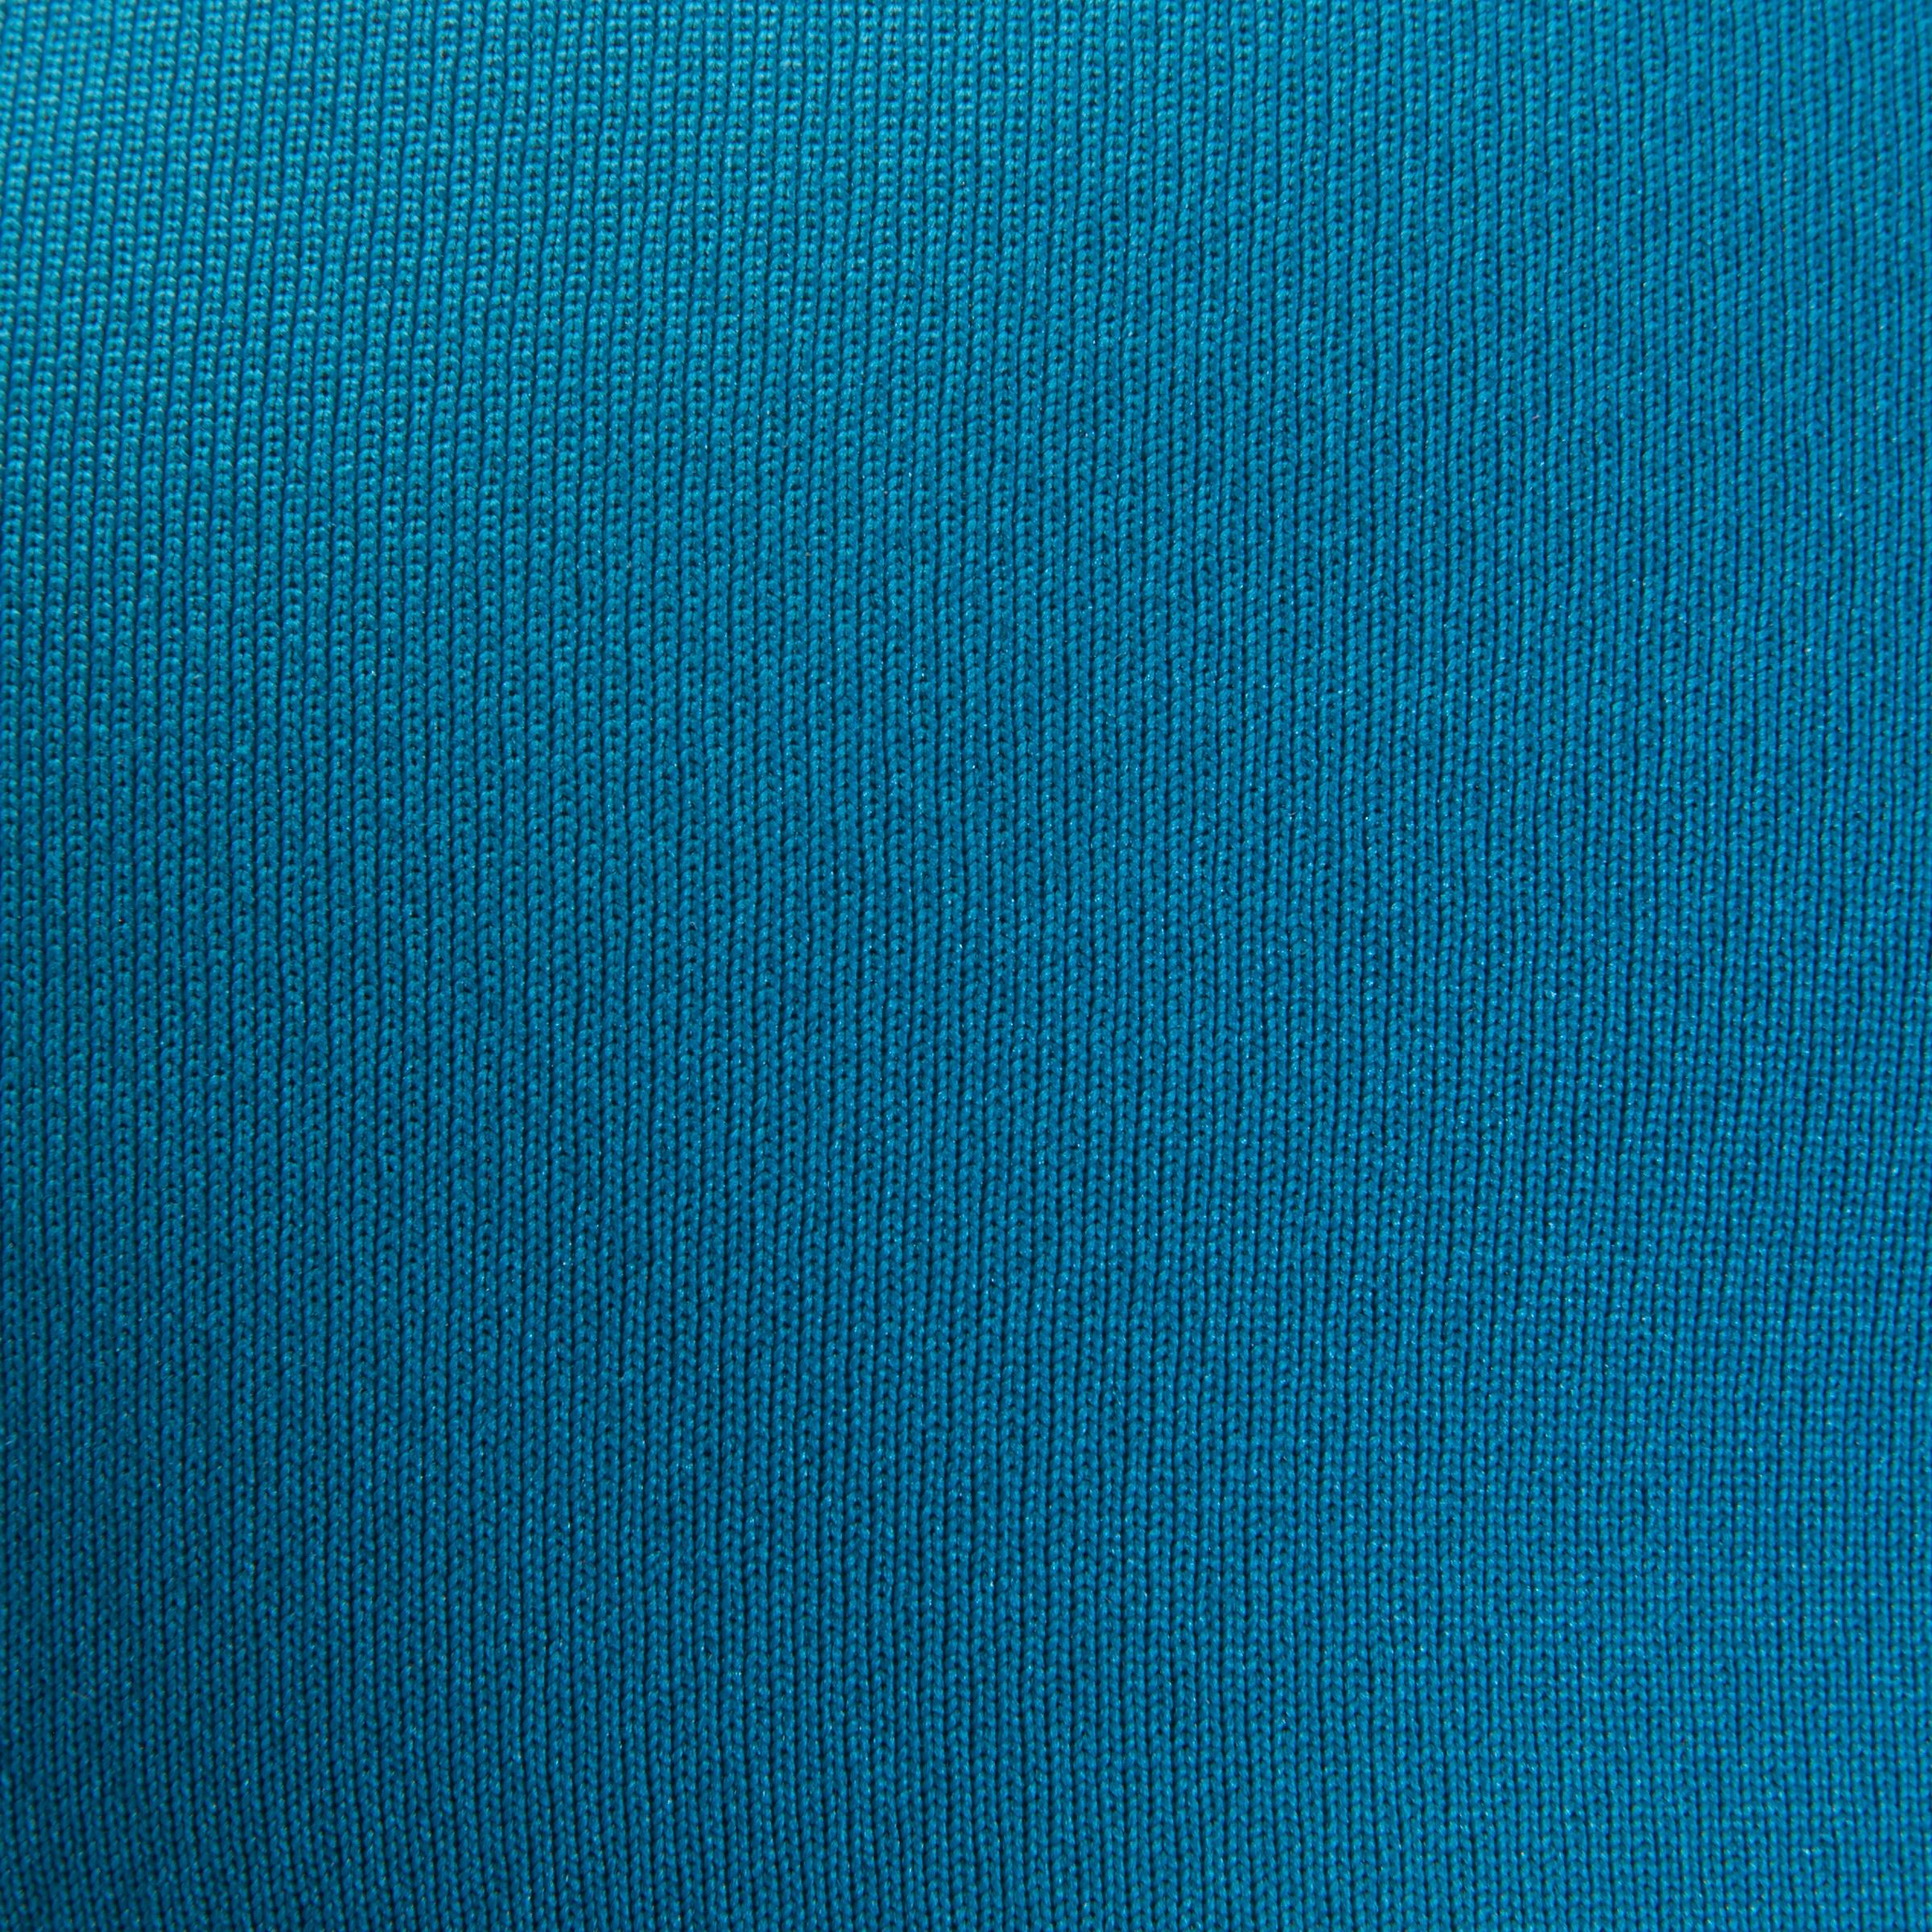 Bandeau réversible hiver athlétisme enfant bleu noir